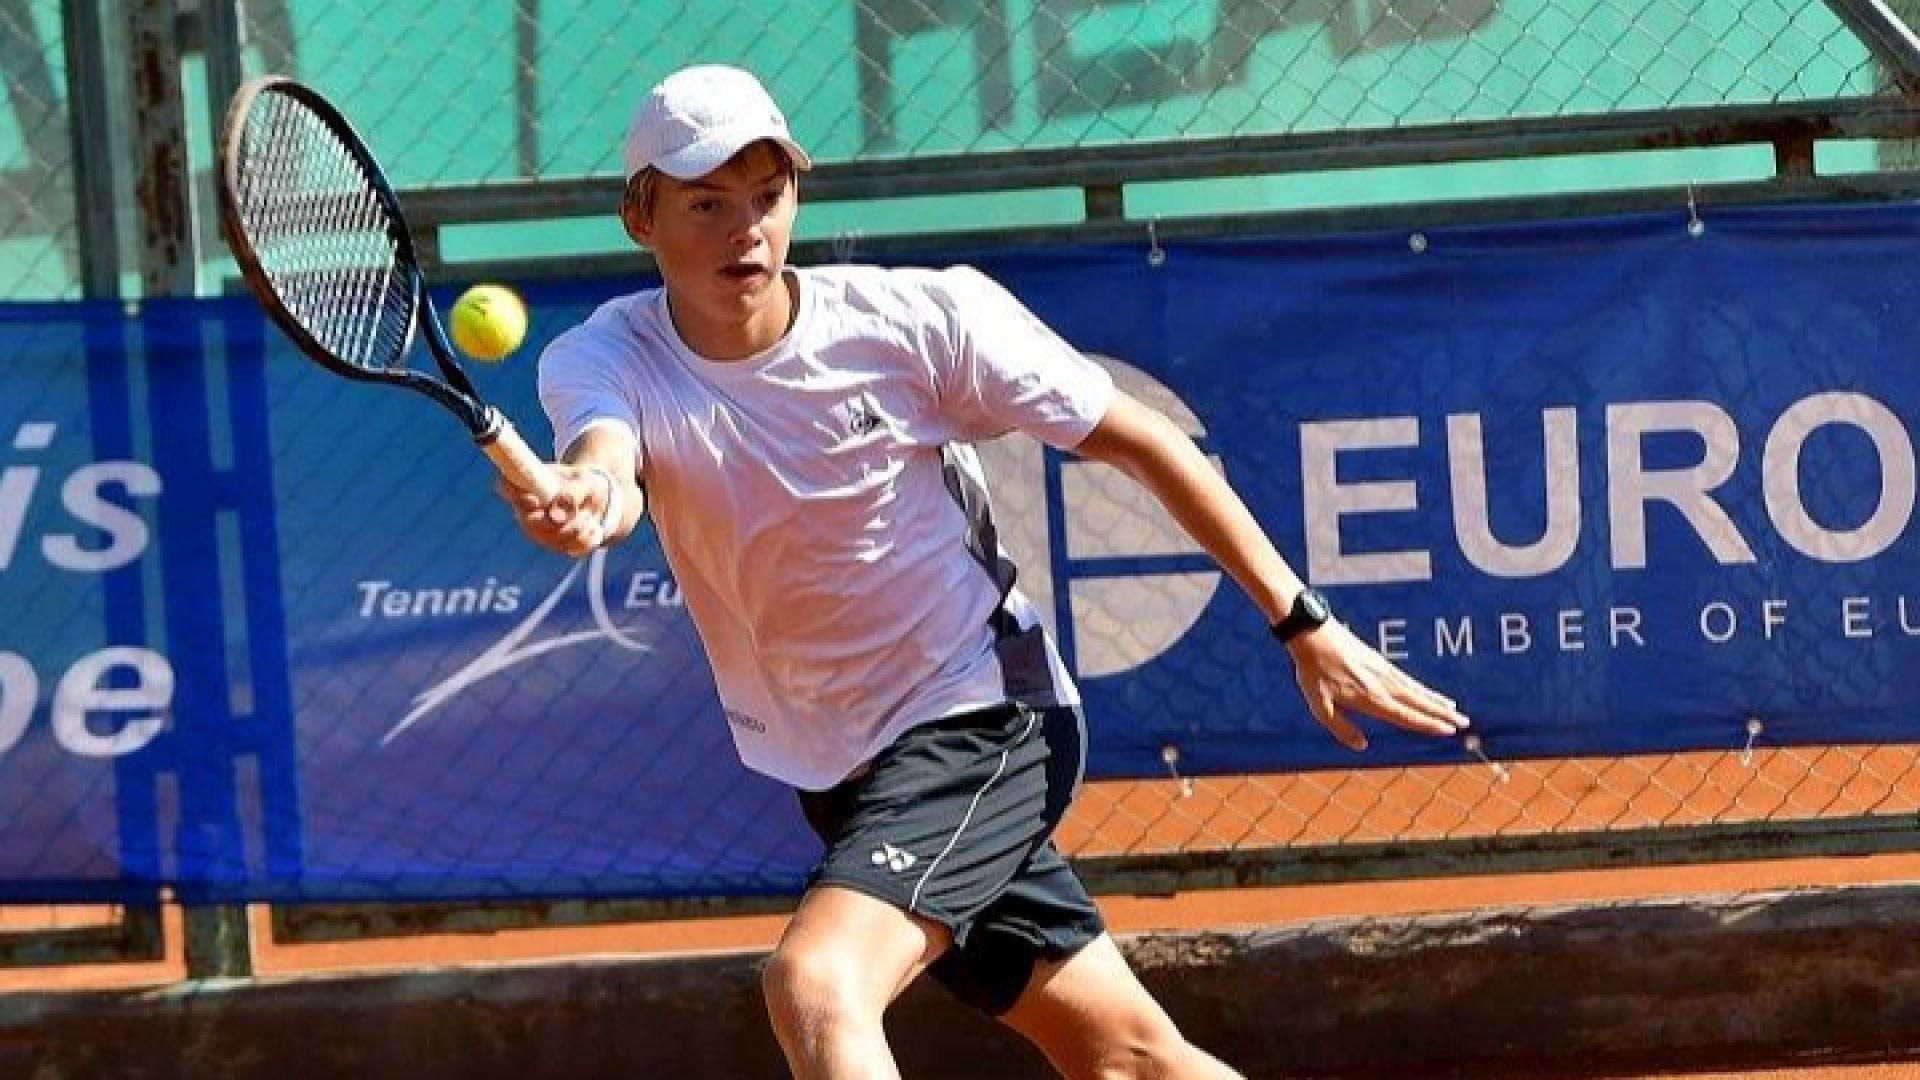 Българинът, избран за №1 на Европа в тениса: Изпращам най-добрата година